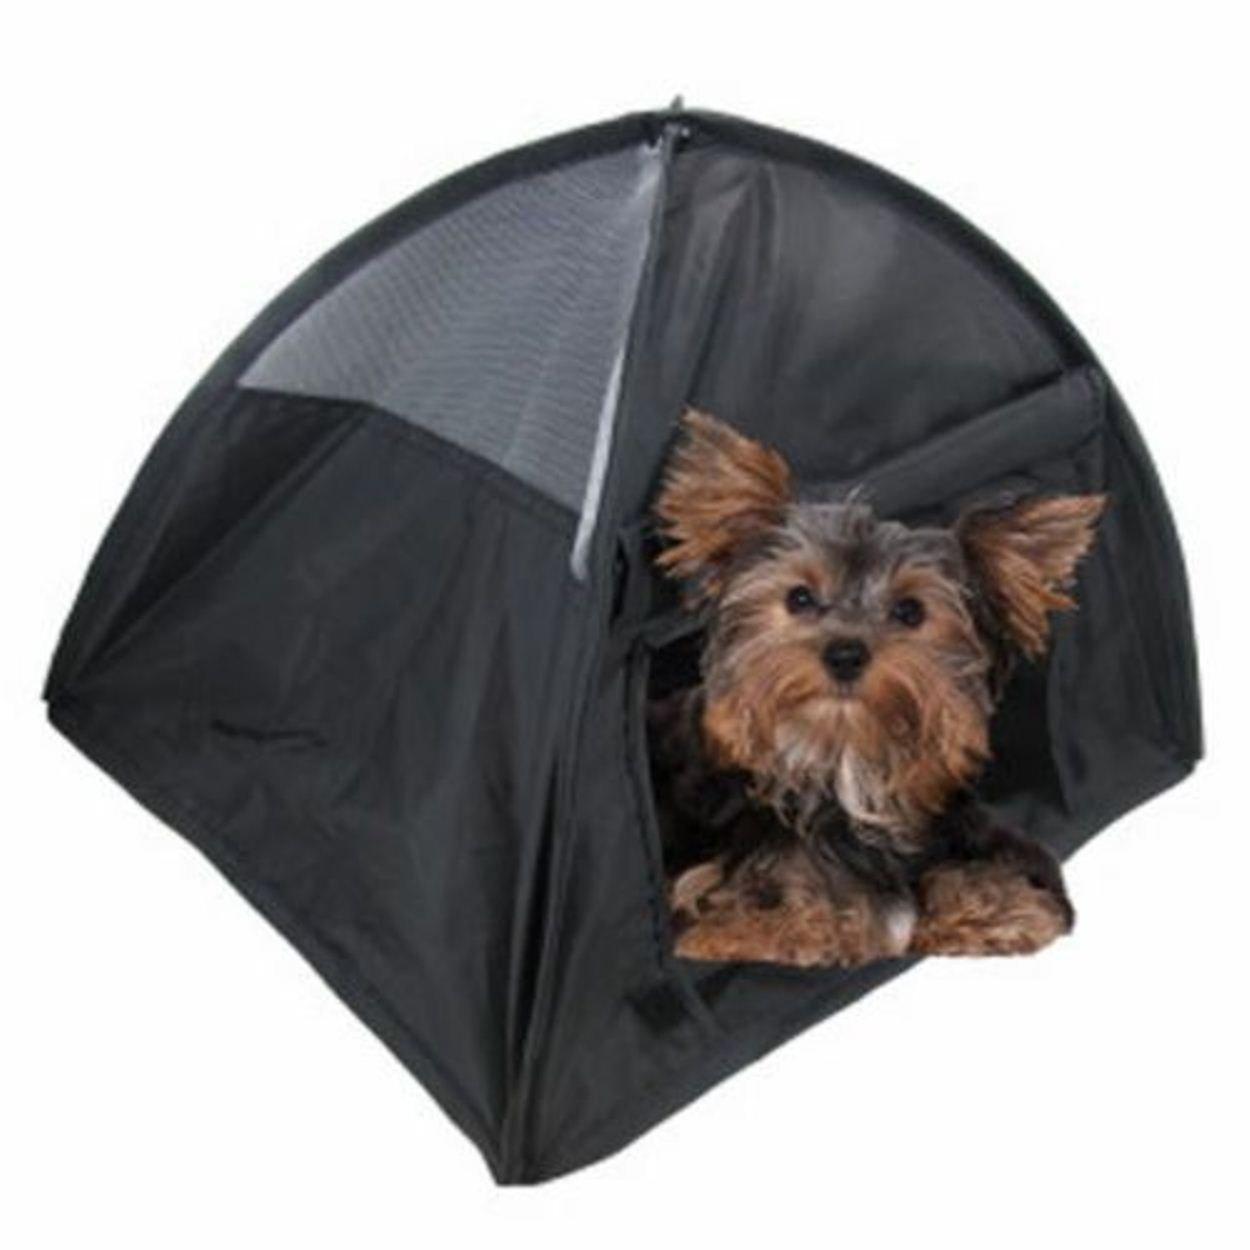 Miniature Puppy Tent Mini Display Tents